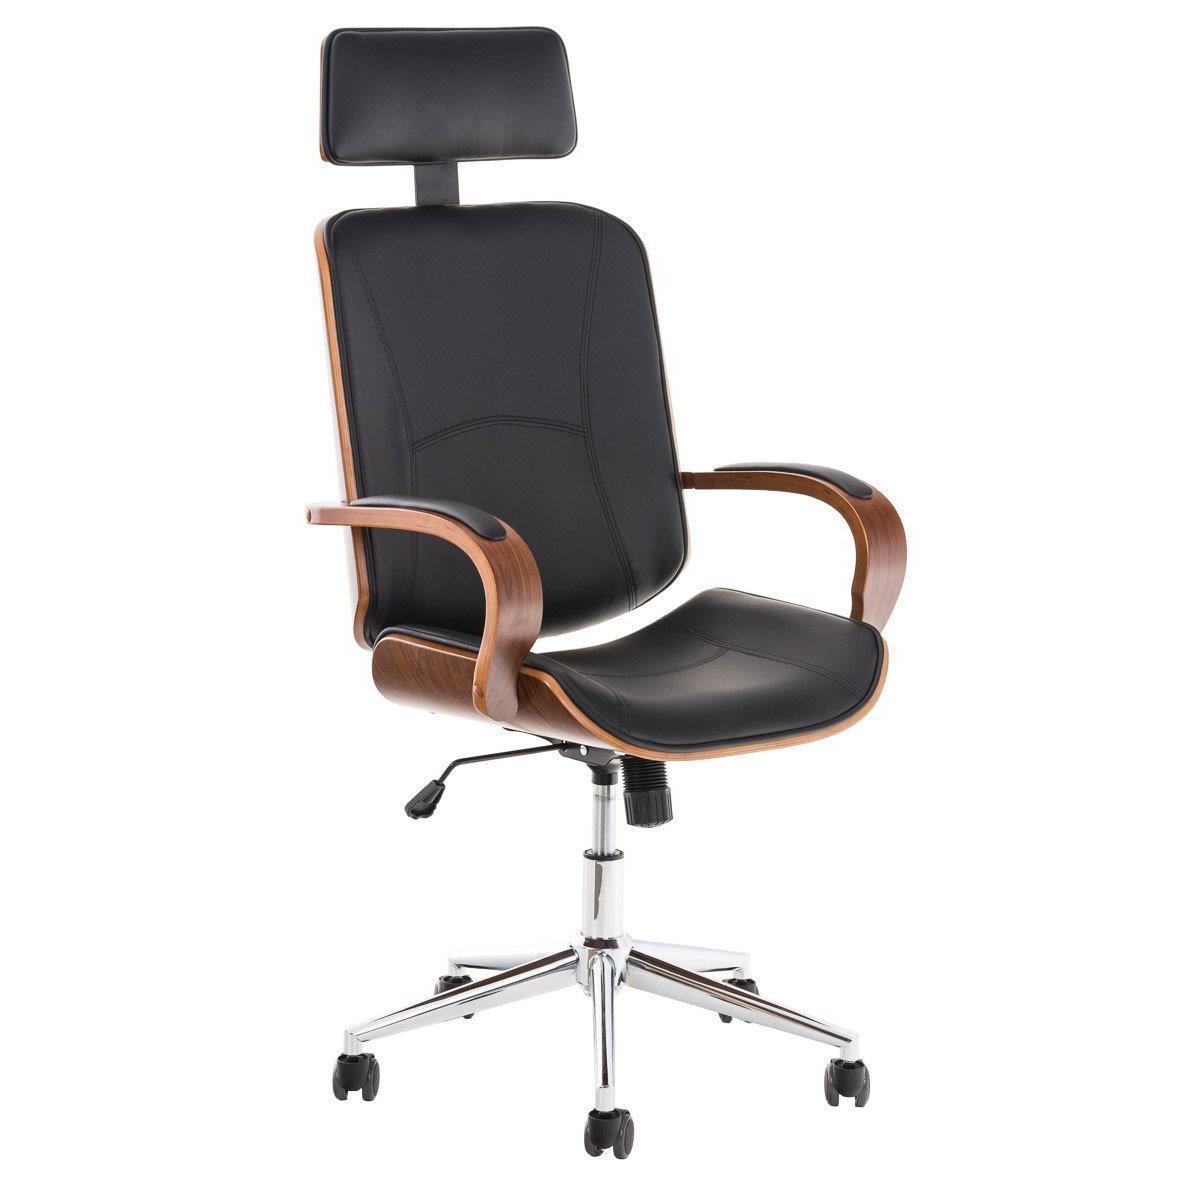 Sedia da ufficio jutta design unico in legno e pelle for Sedute da ufficio